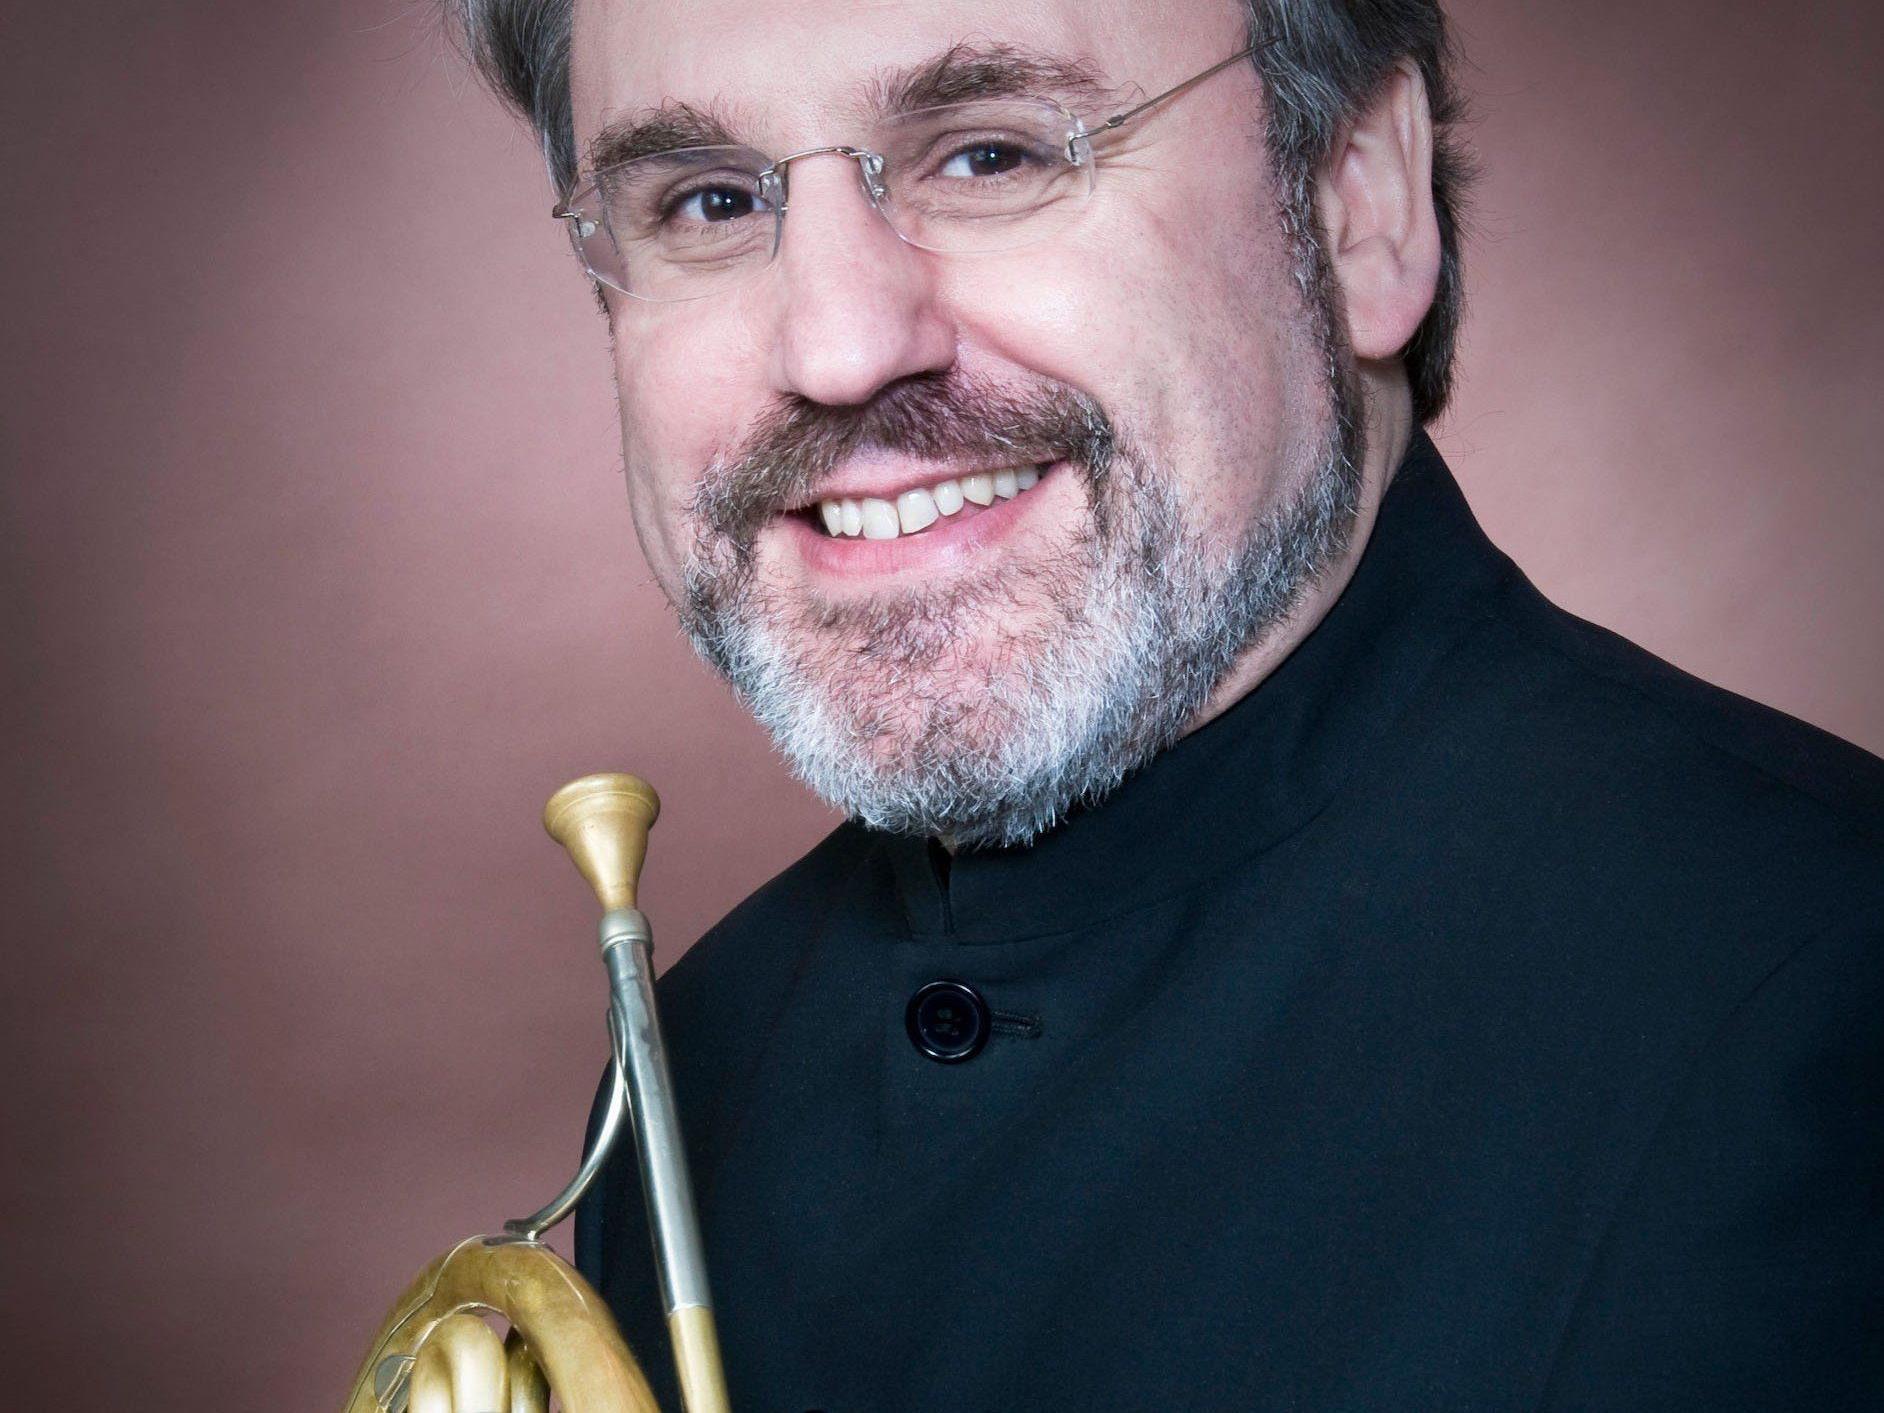 Der weltberühmte Hornist Radovan Vlatkovic gastierte bei SOL im SAL.